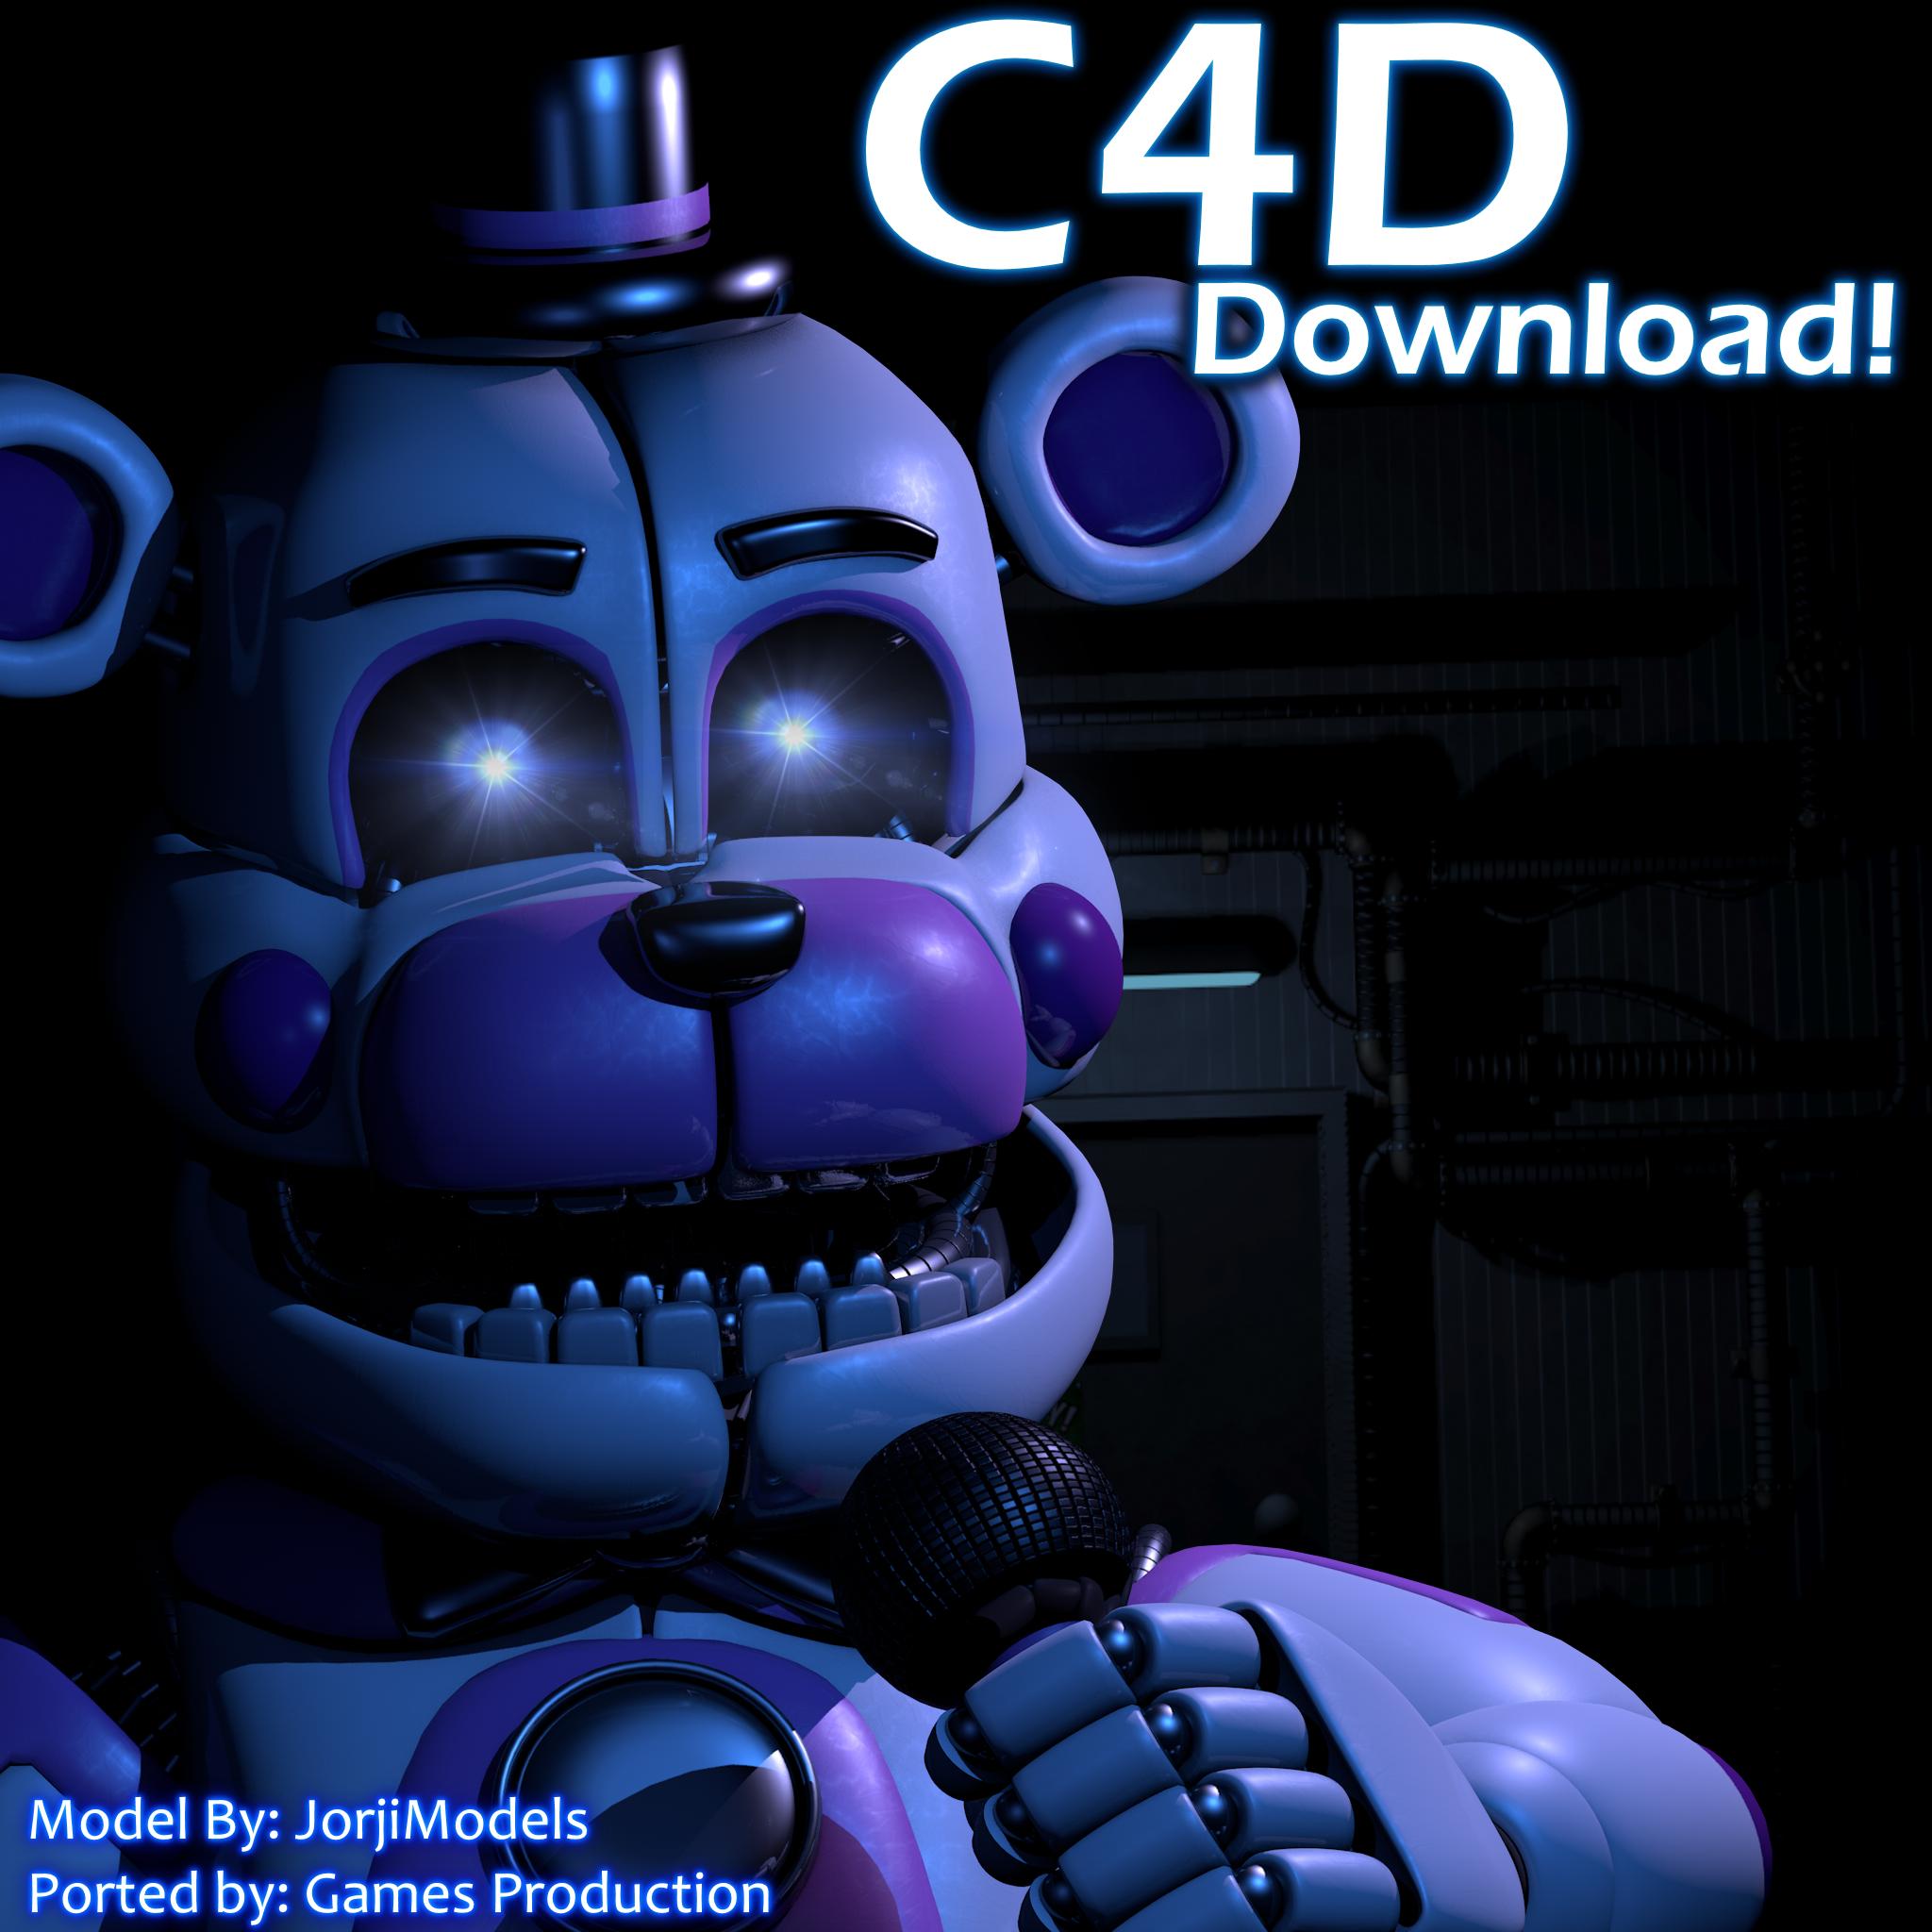 Funtime Freddy V5 Cinema 4D Download by jorjimodels on